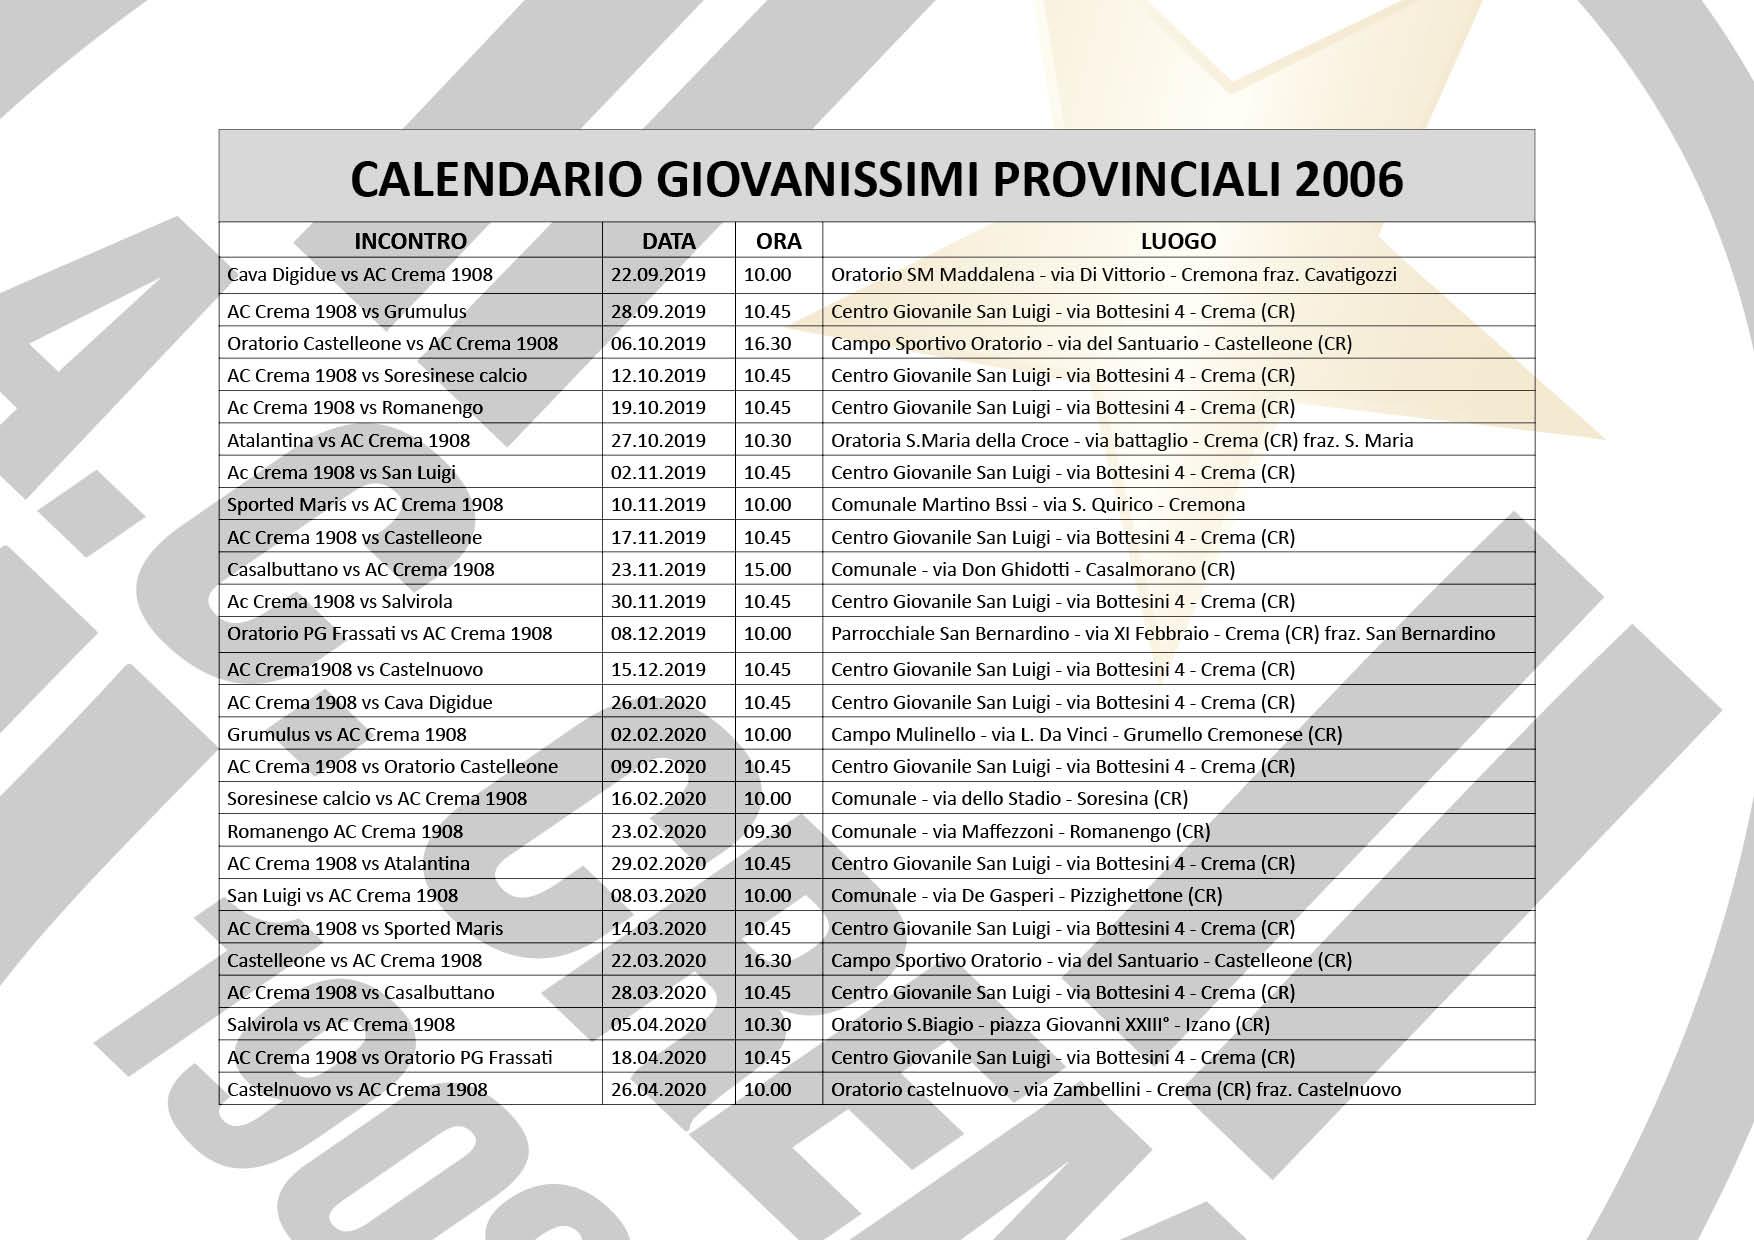 calendario giovanissimi 2006